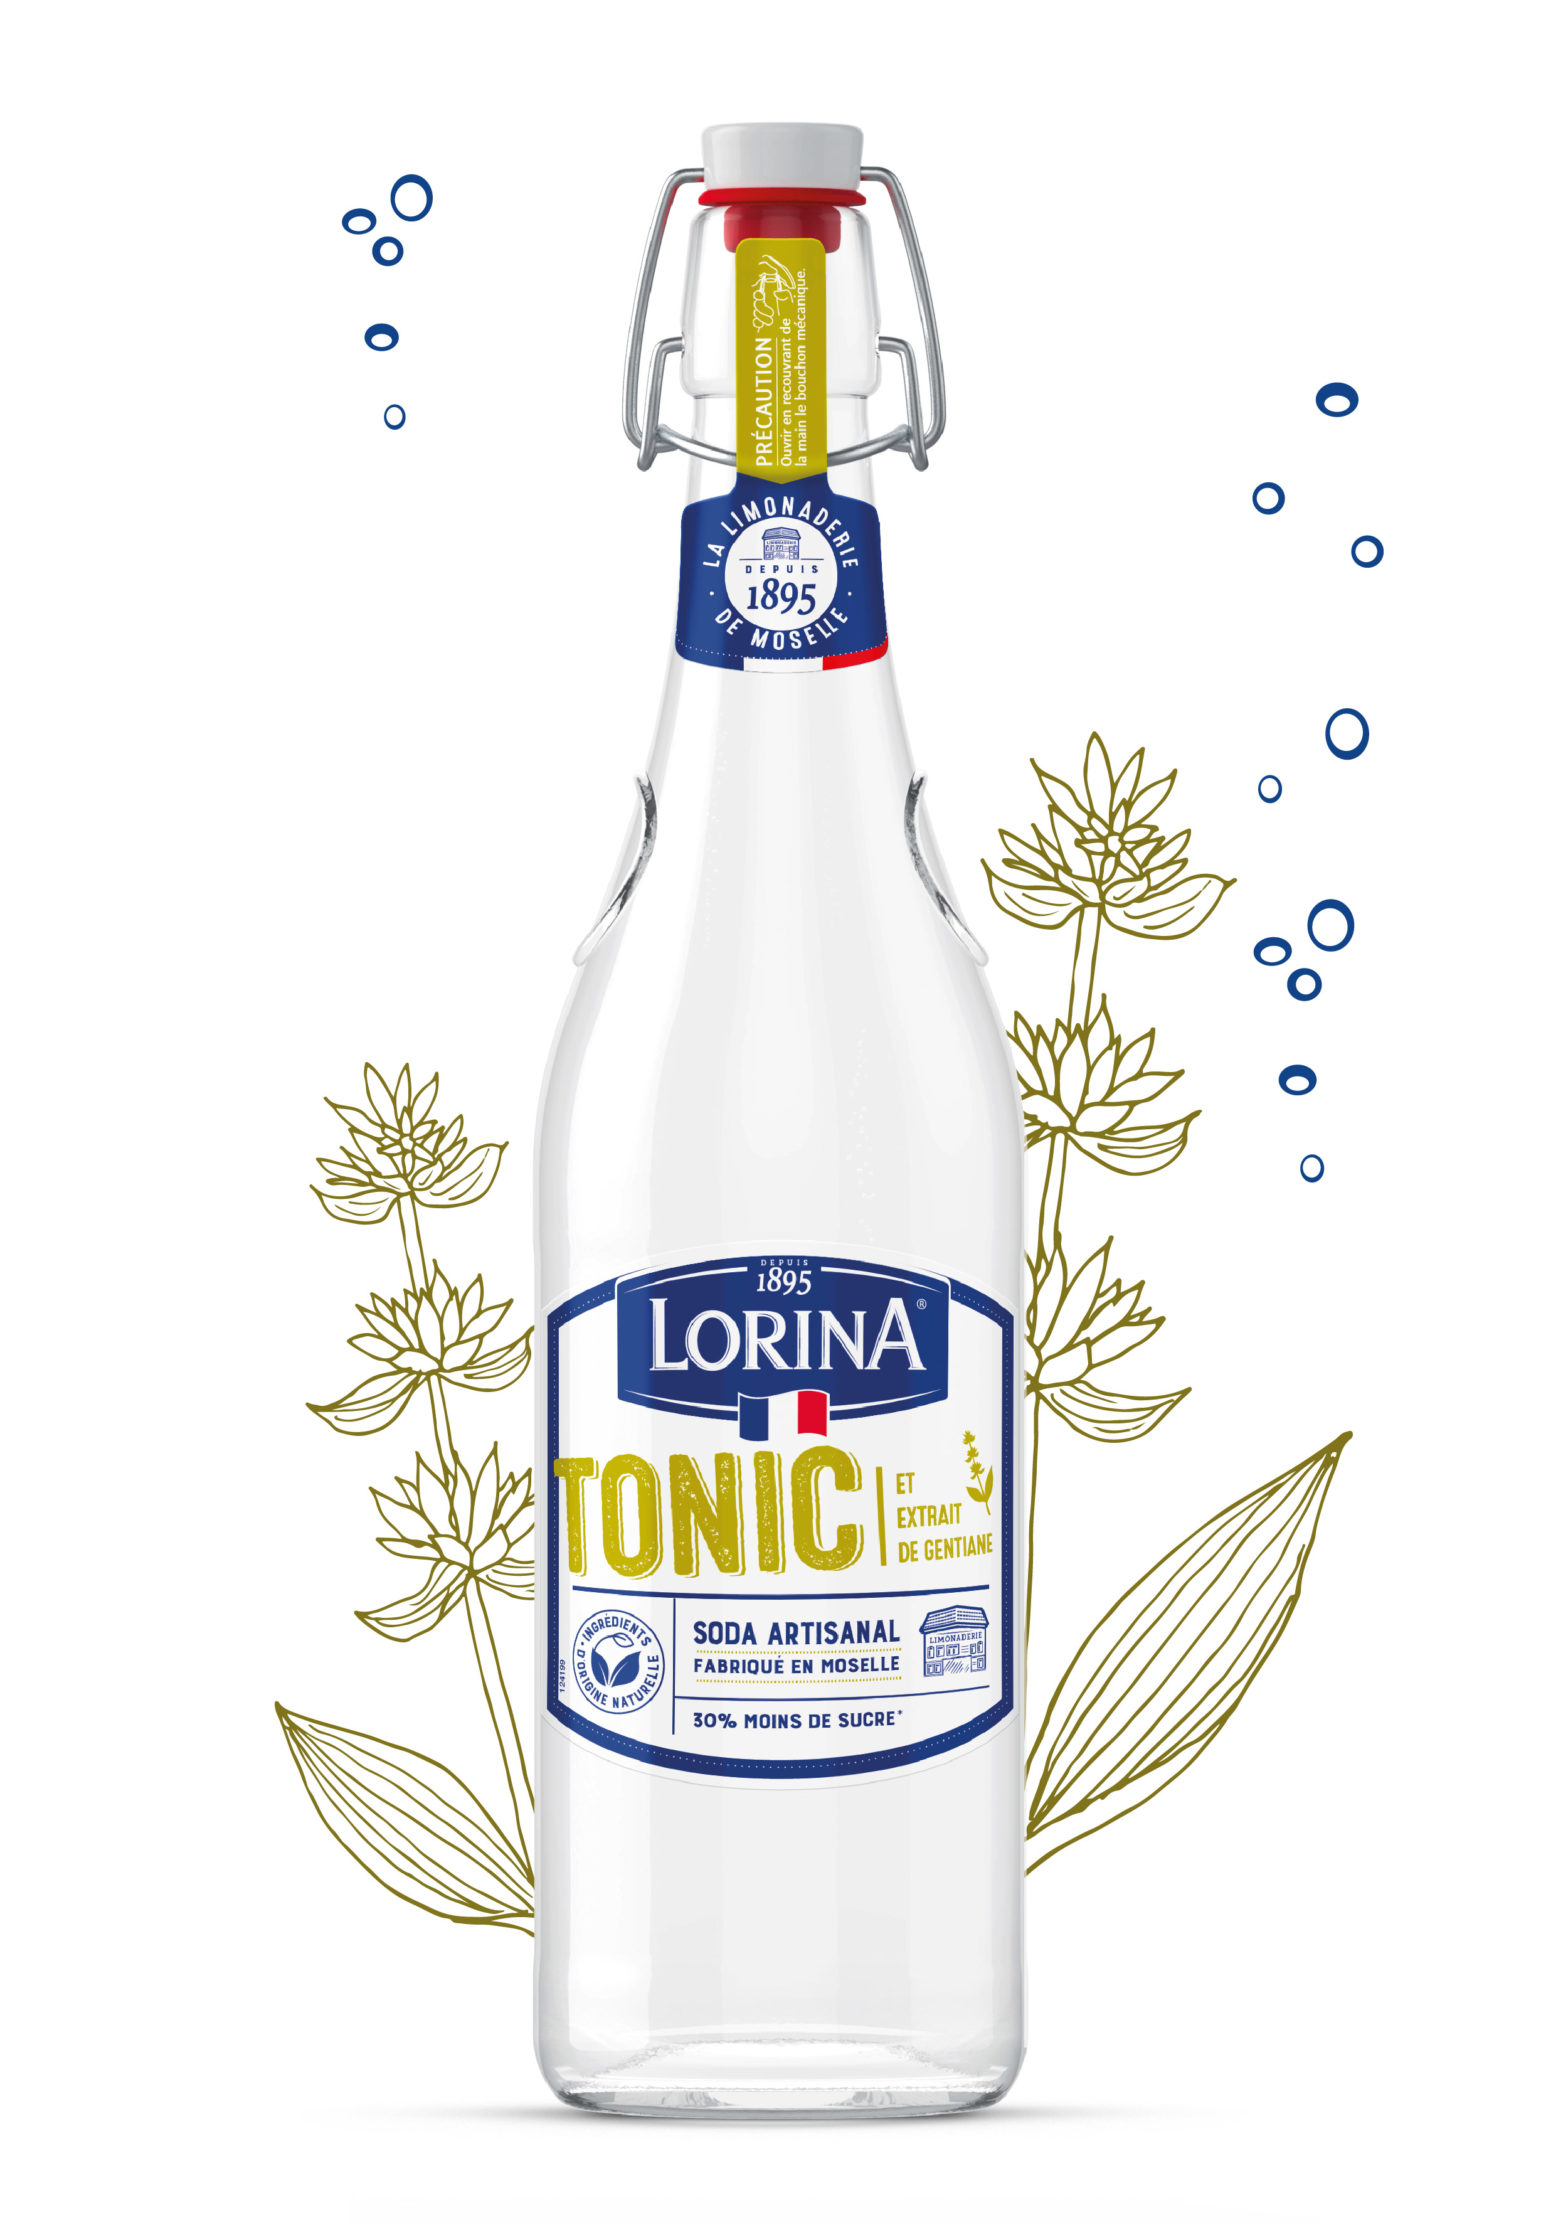 LORINA TONIC 75CL Plan de travail 1 1 1568x2222 1 - Lorina lance un Cola au coquelicot et un Tonic à la gentiane 100 % français et aux ingrédients 100 % naturels